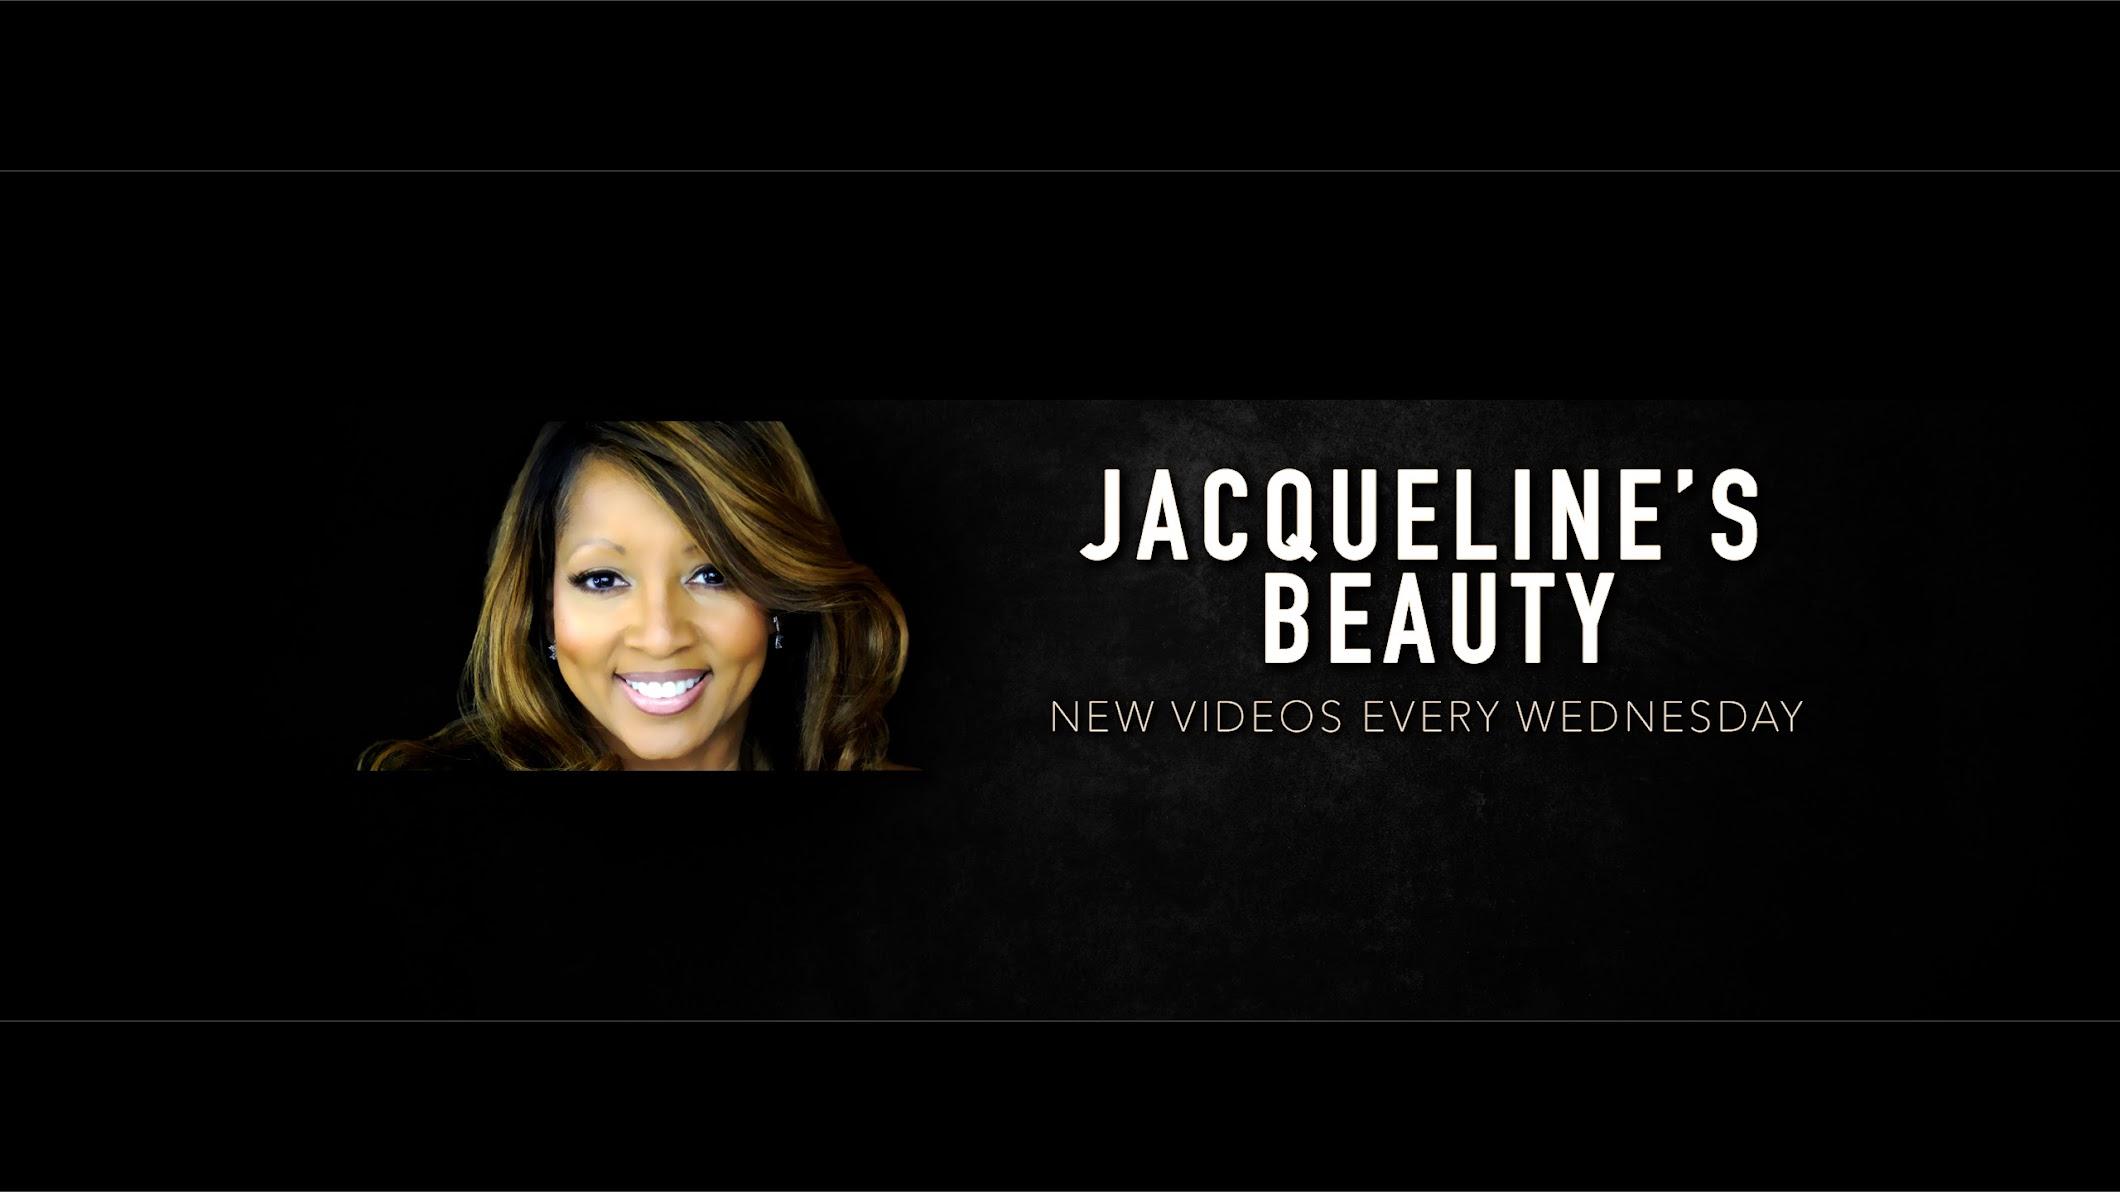 Jacqueline's Beauty